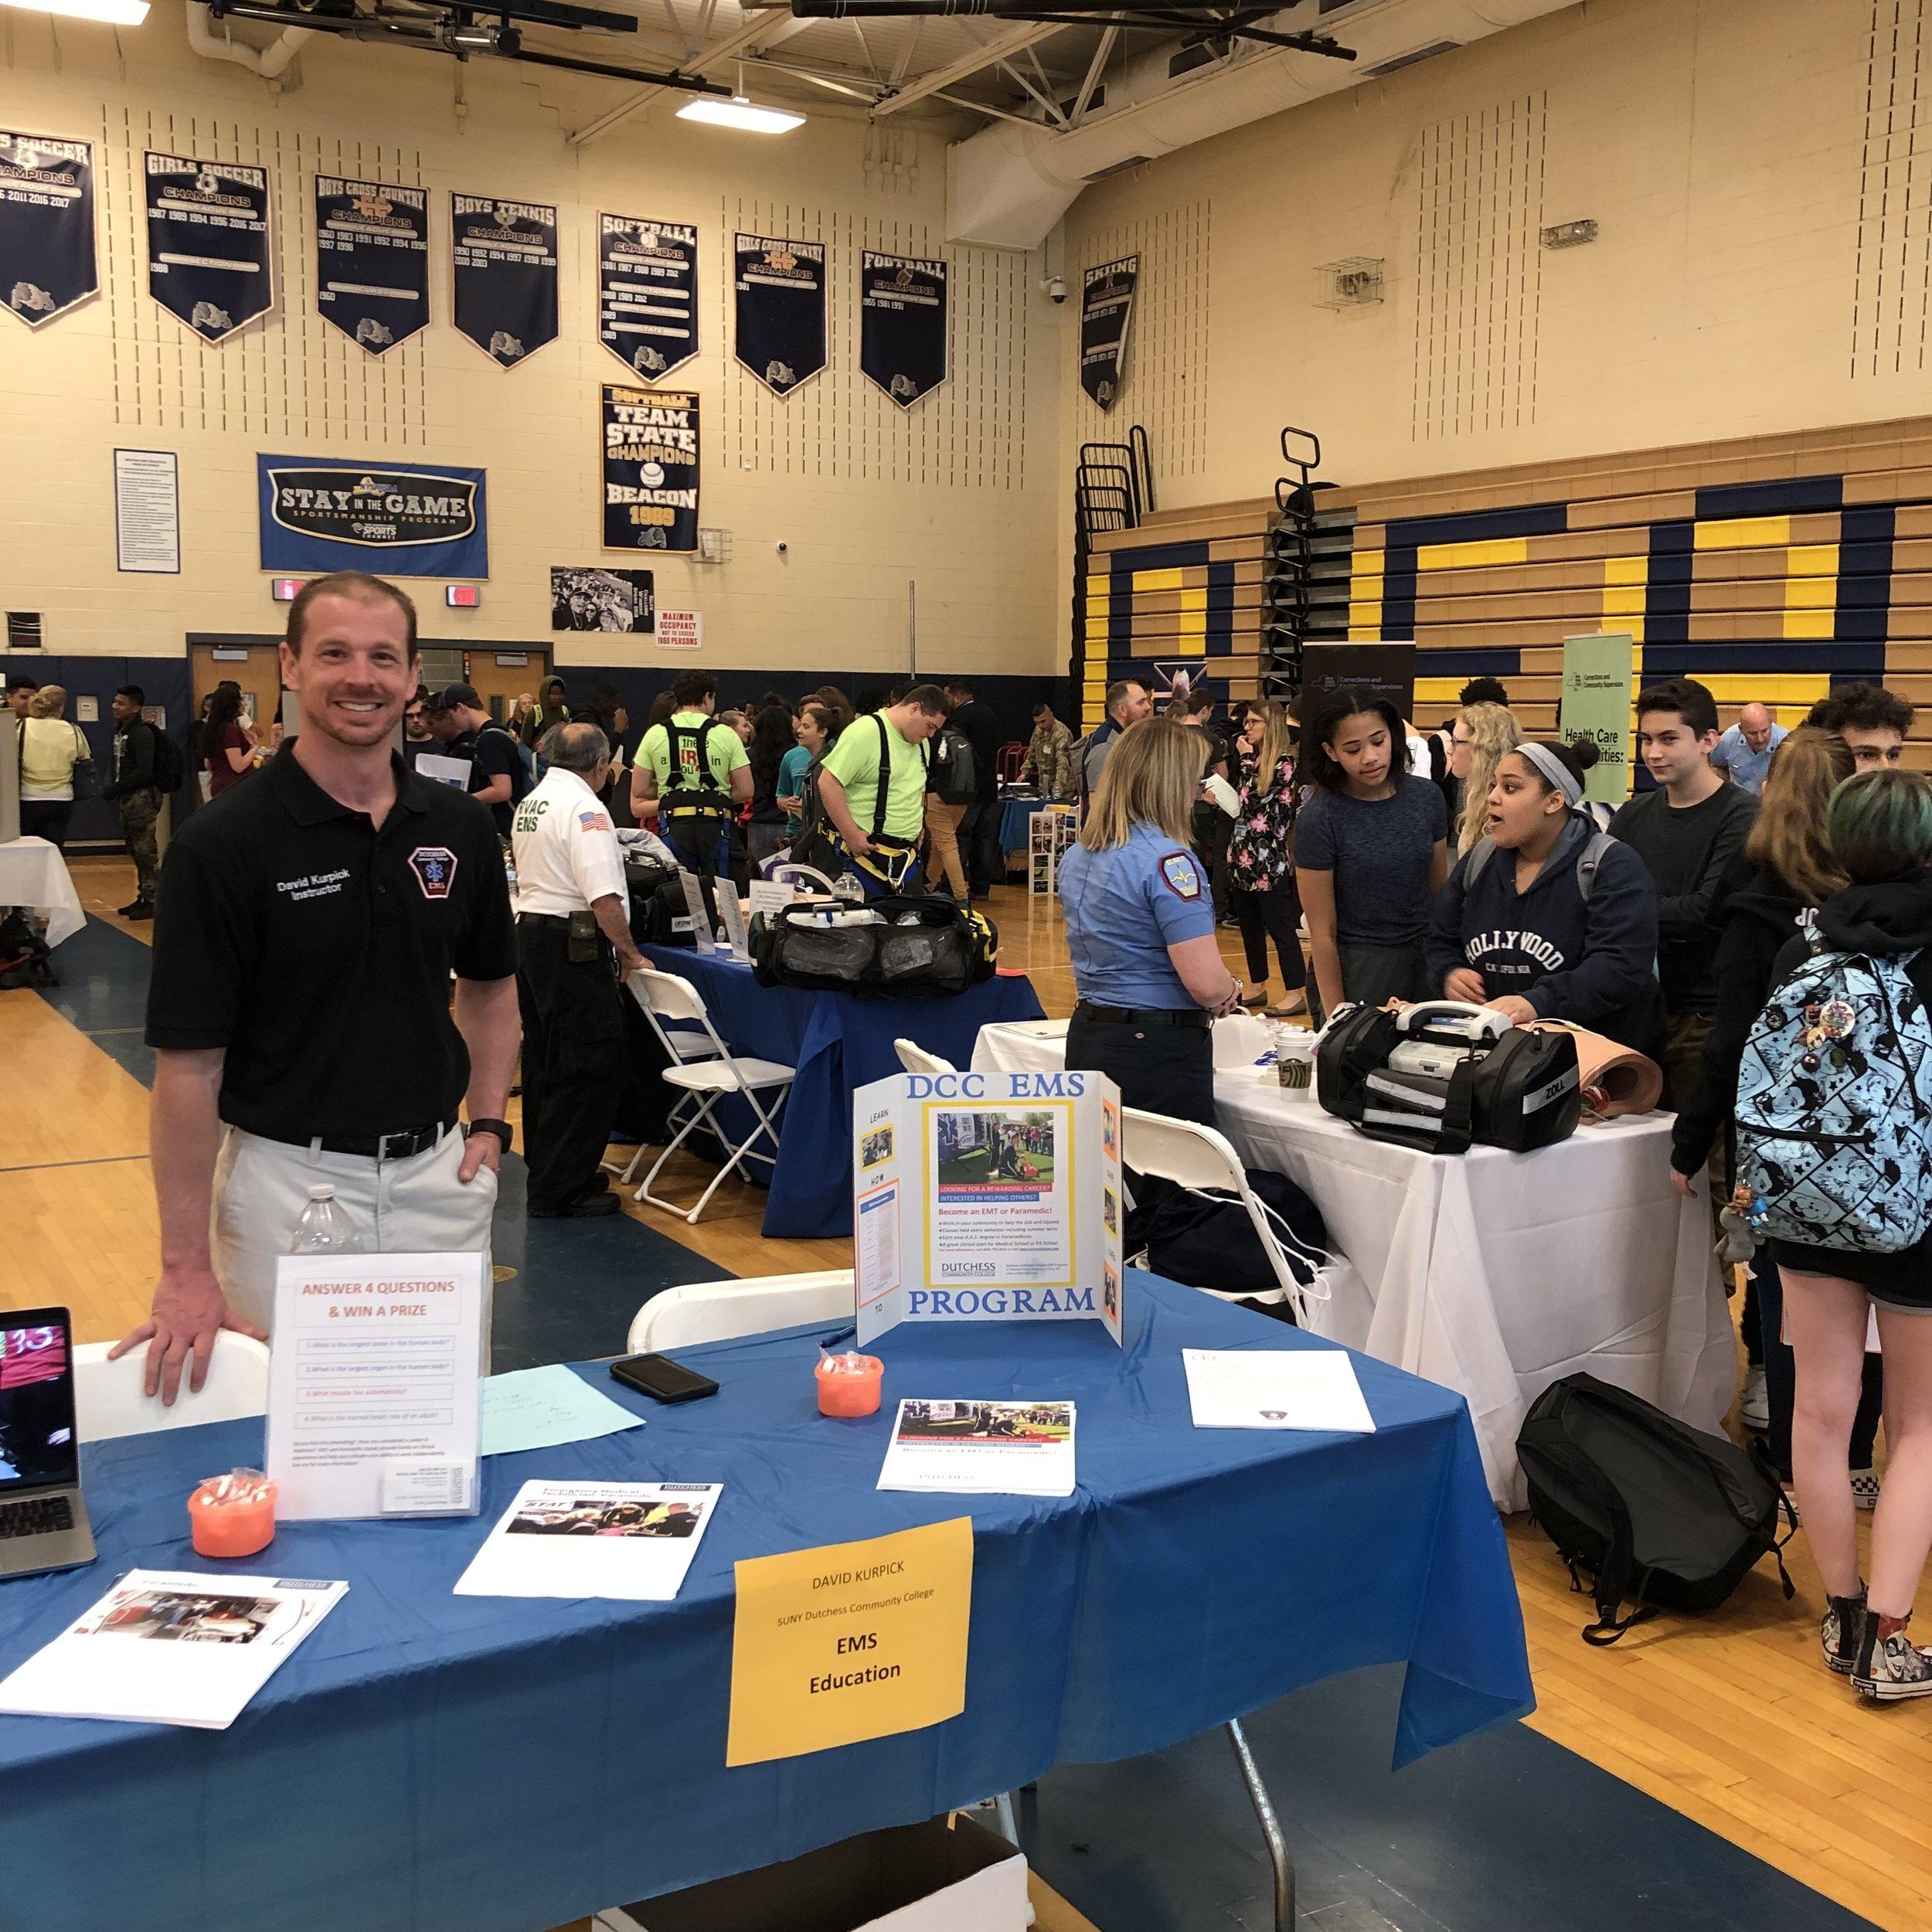 Beacon career Fair 2019-EMS-Education.jpg